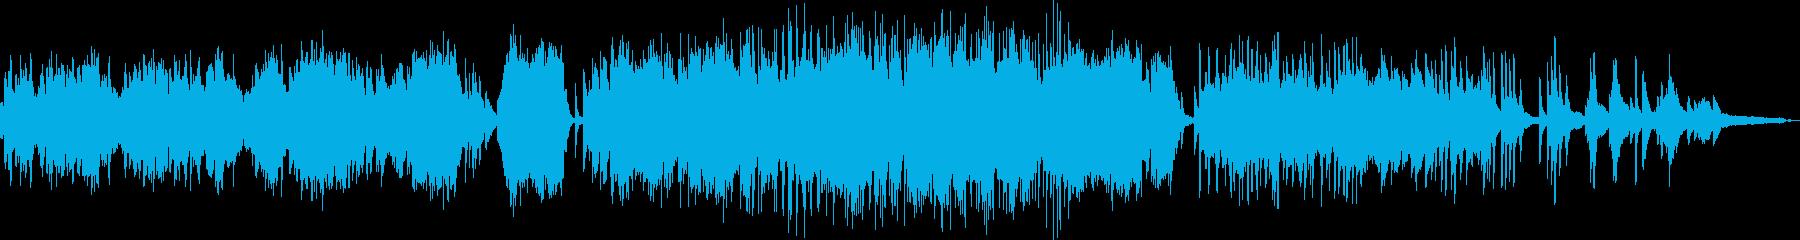 リスト:愛の夢第3番(ピアノソロ)の再生済みの波形